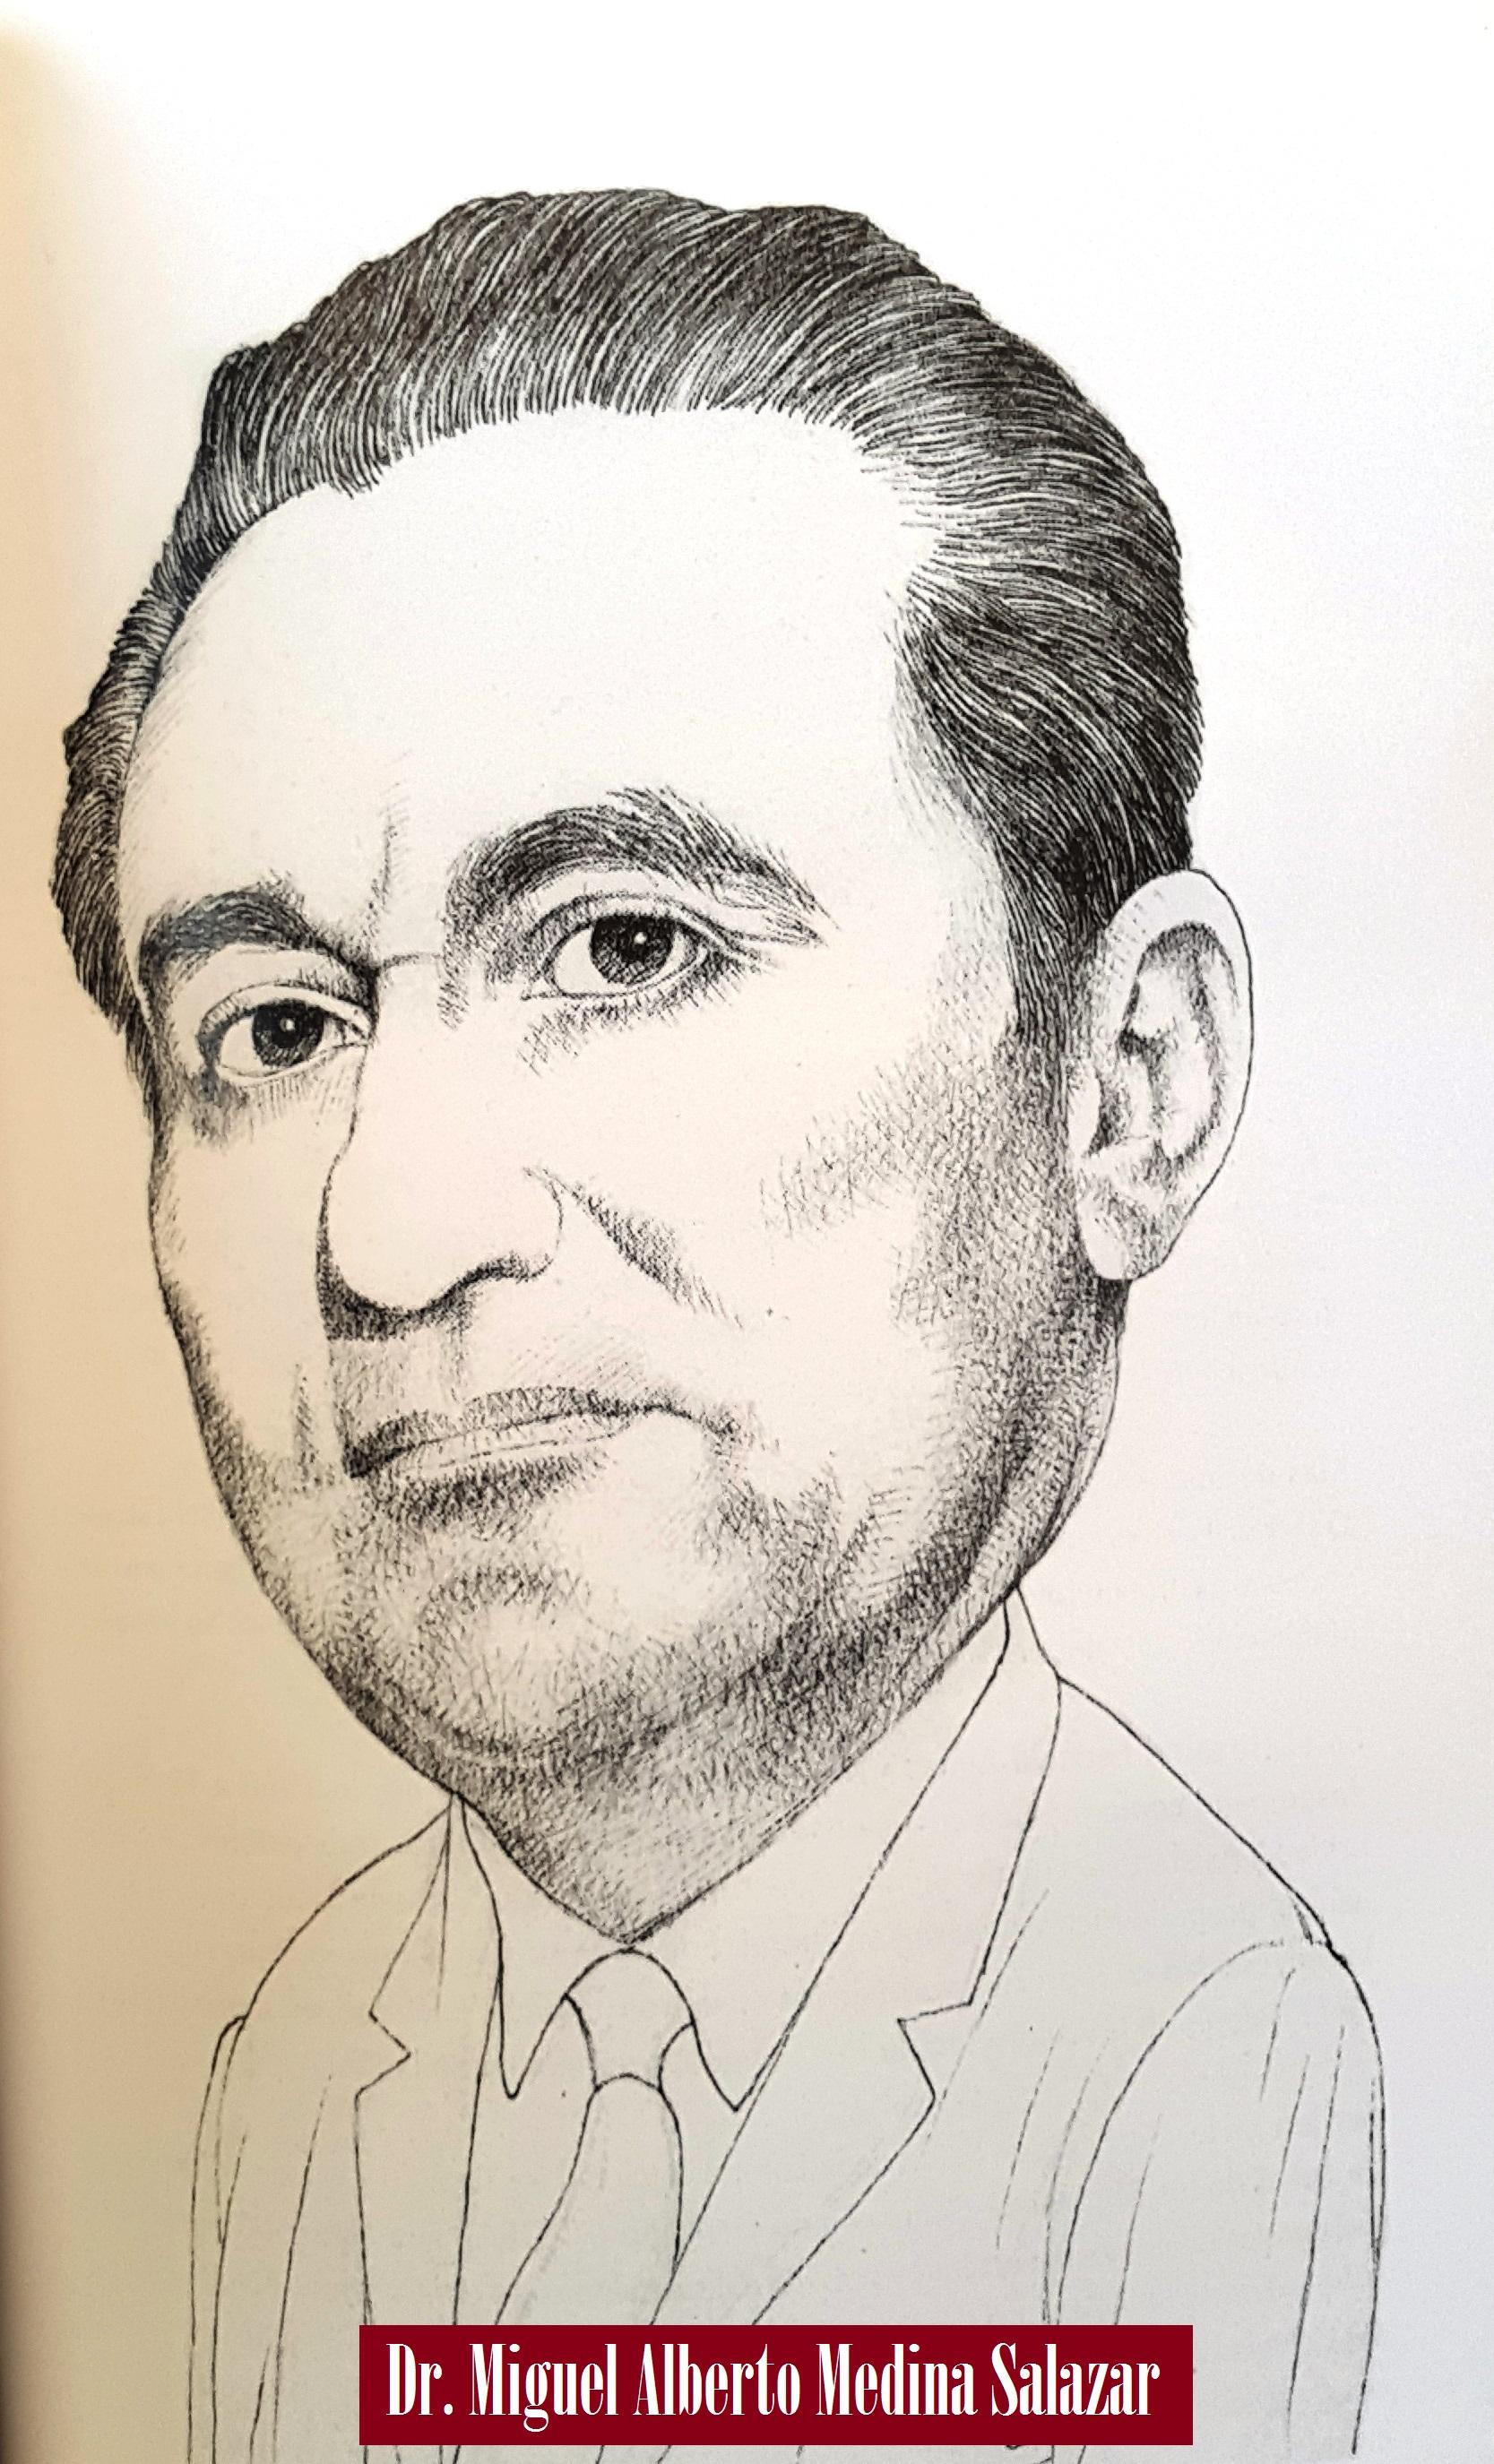 DR. MIGUEL ALBERTO MEDINA SALAZAR